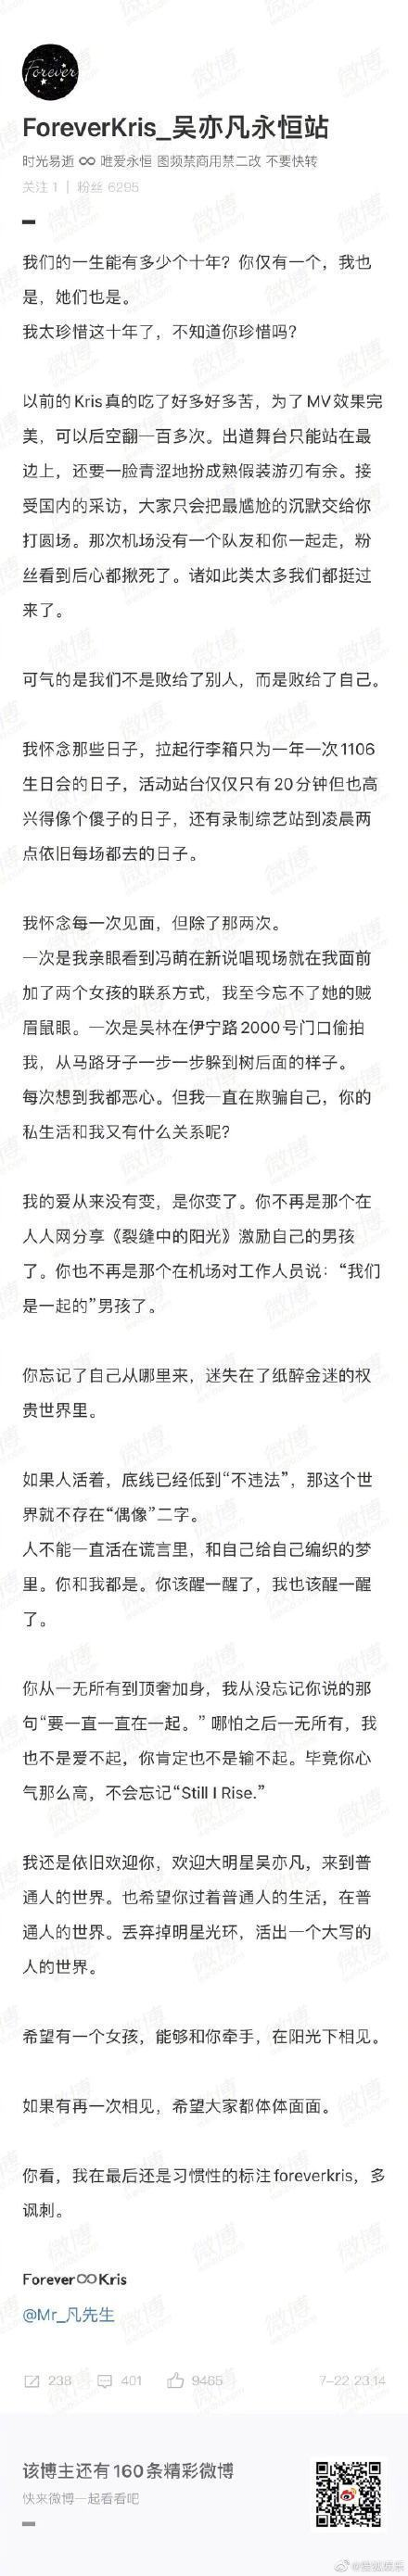 有站姐於粉絲團分享脫粉長文,爆曾親賭吳亦凡經紀人要電話的選妃現場。圖/摘自微博